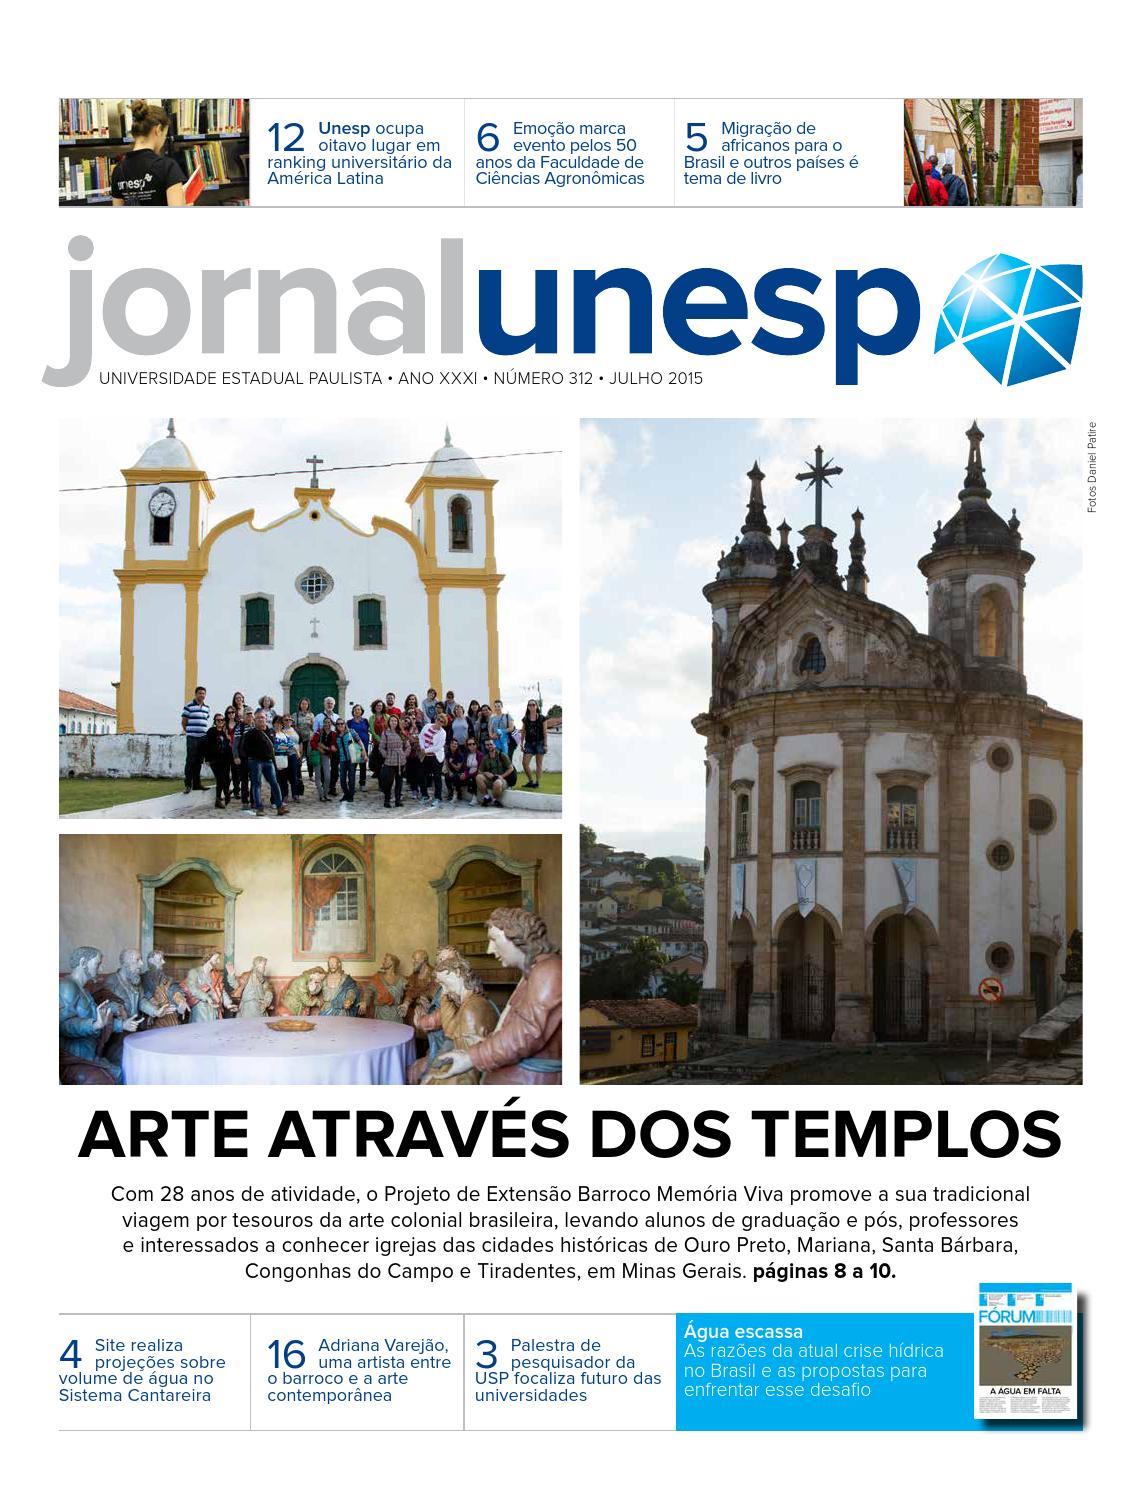 Jornal Unesp - Número 312 - Julho 2015 by Assessoria de Comunicação e  Imprensa da Unesp ACI - issuu 426950e8697ab